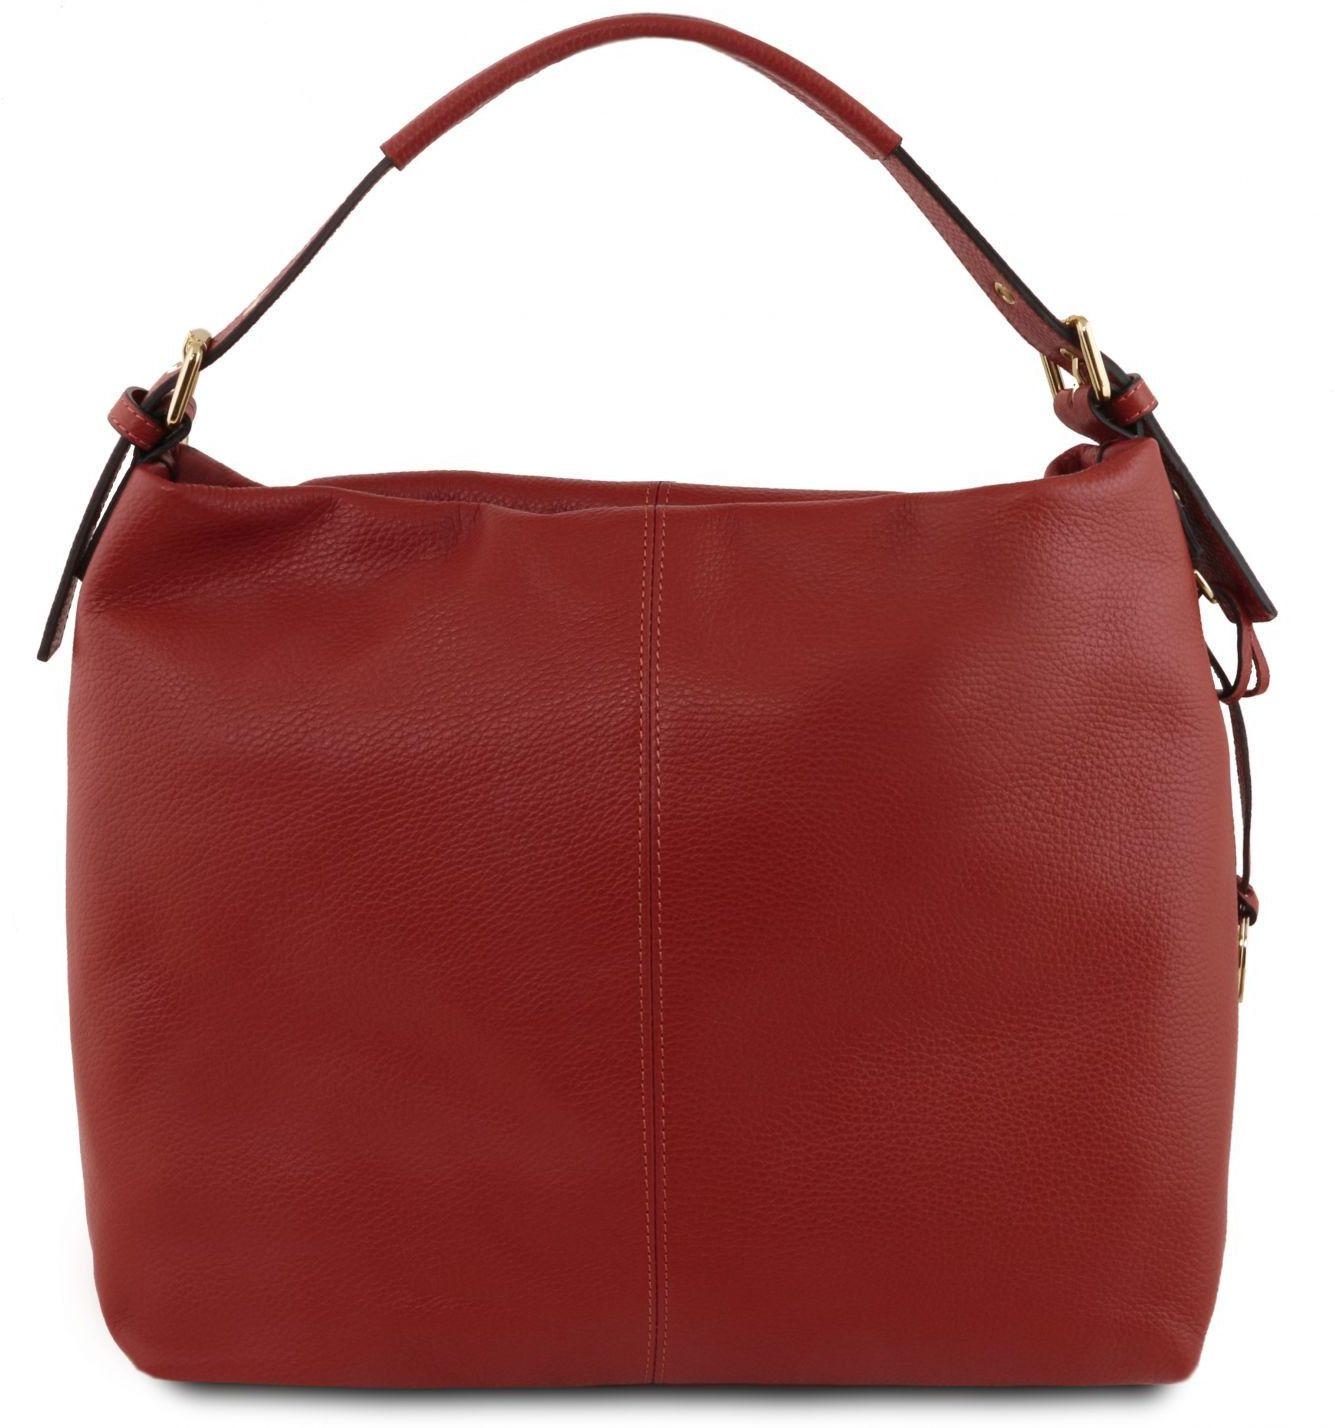 Γυναικεία Τσάντα Δερμάτινη TL Bag TL141719 Κόκκινο Tuscany Leather γυναίκα   τσάντες ώμου   χειρός